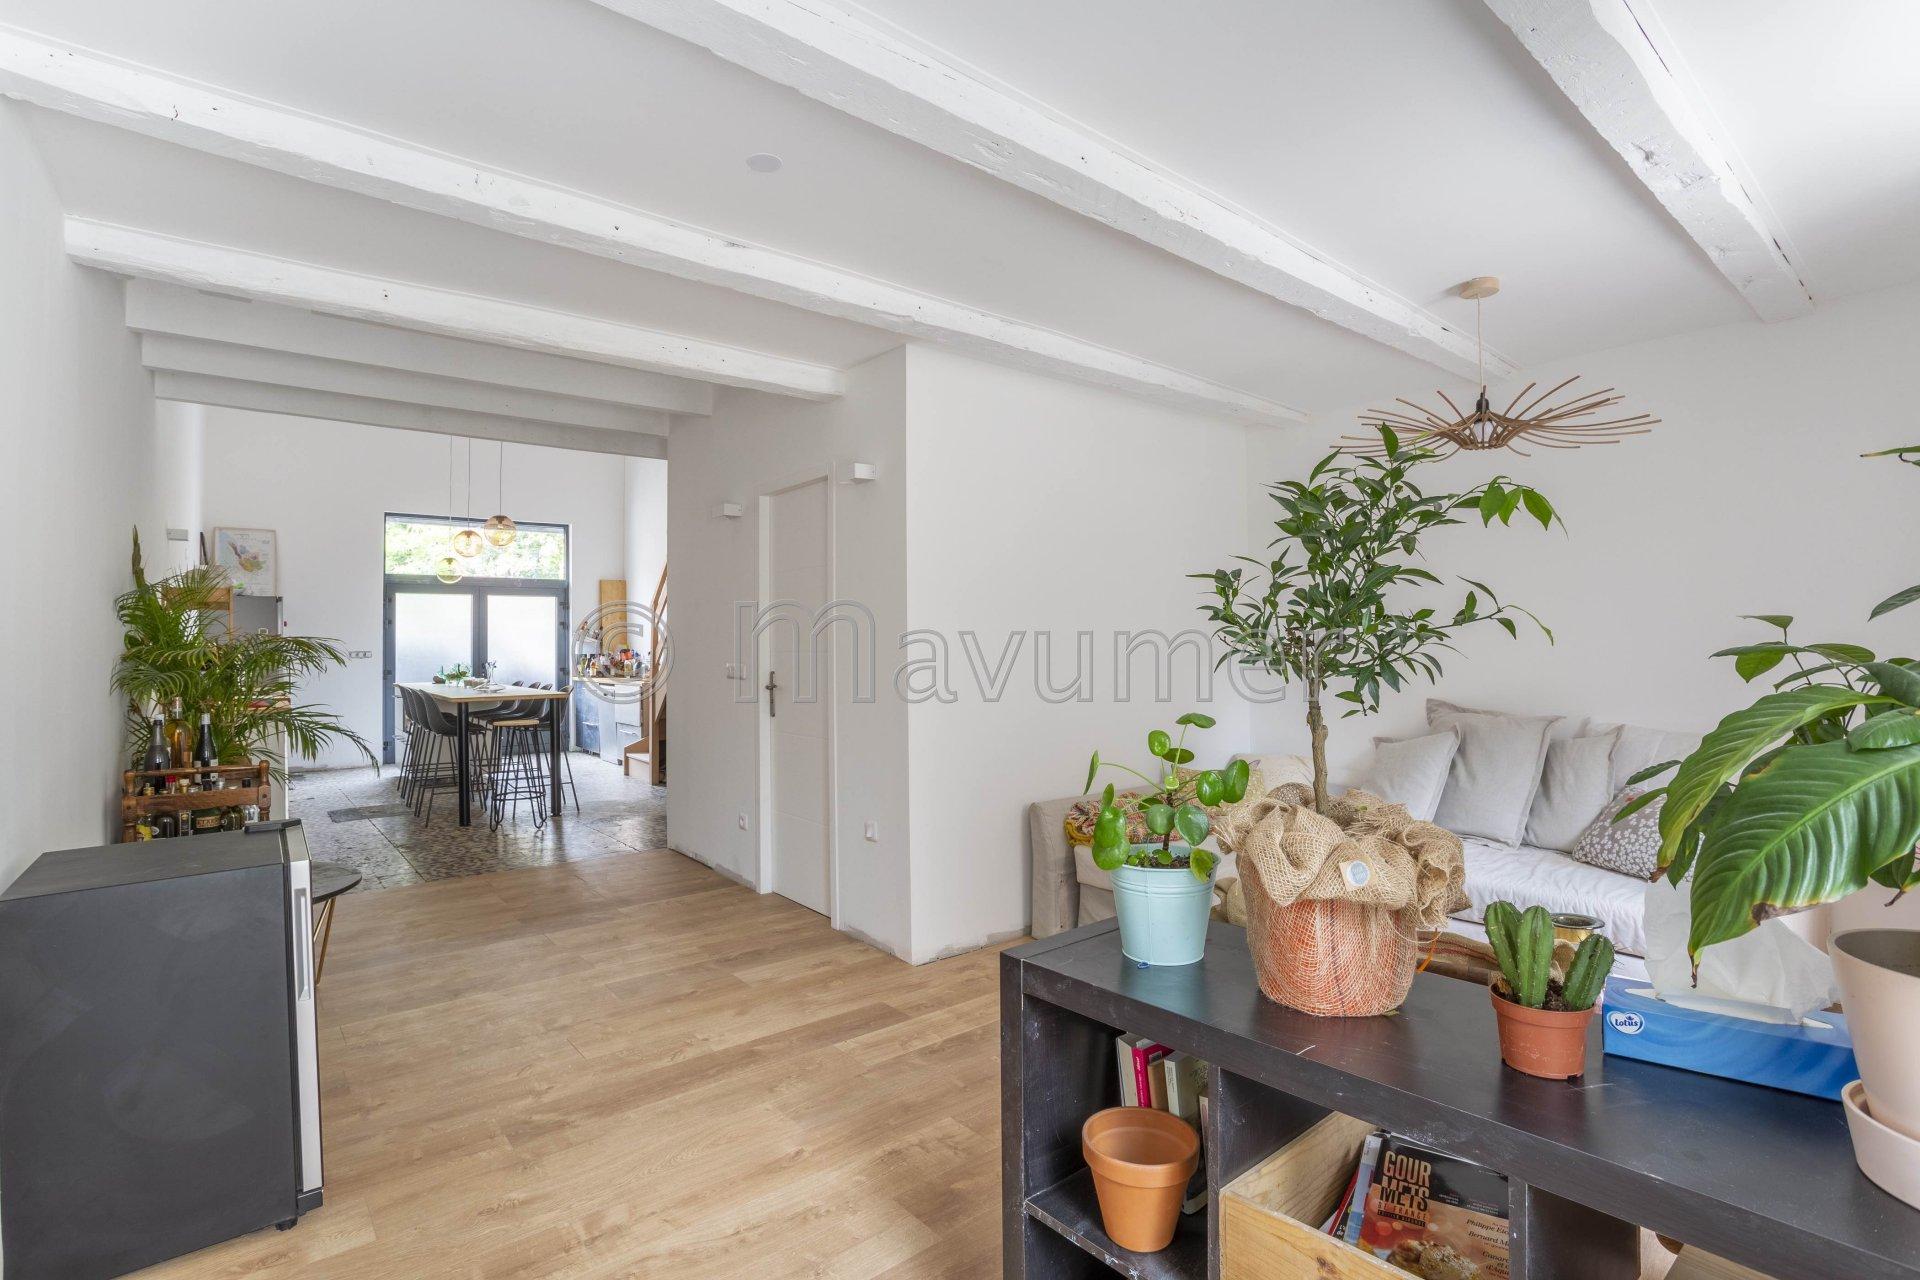 Appartement T4 en duplex 13008 Marseille - Périer / Rouet